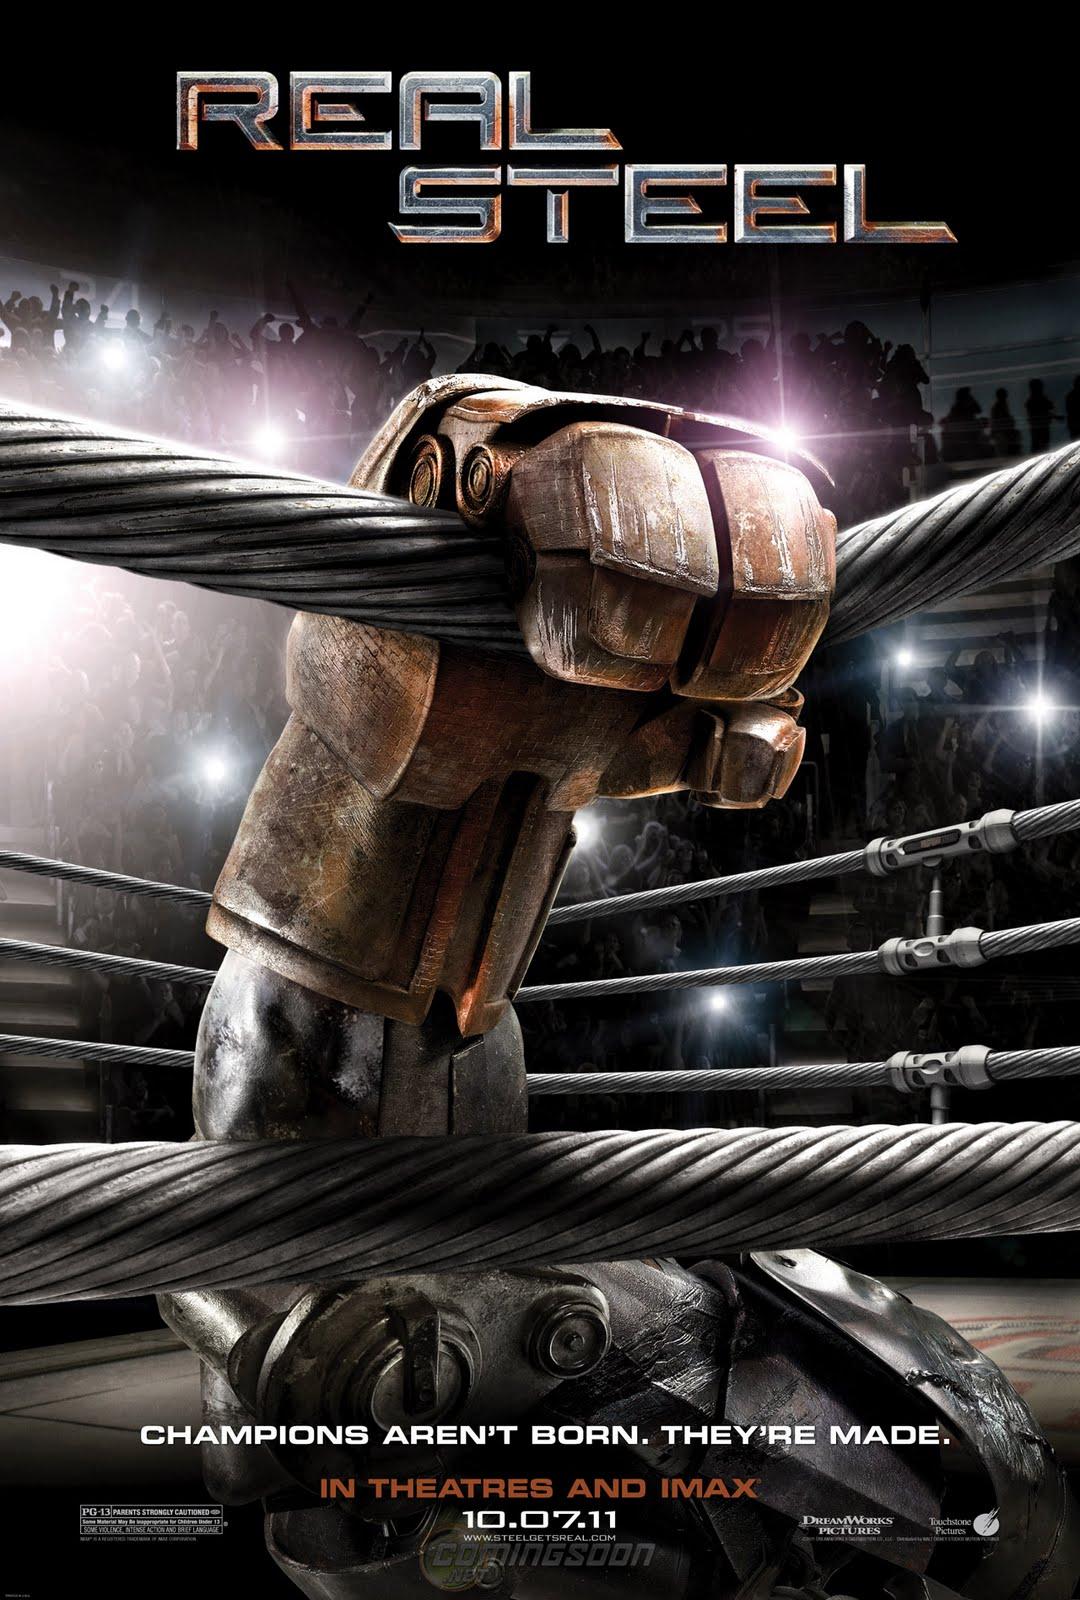 http://1.bp.blogspot.com/-n2lTkGRUjUw/Tli62WzgIcI/AAAAAAAAALc/TTeRX3yYouE/s1600/Real-Steel-Movie-Poster.jpg